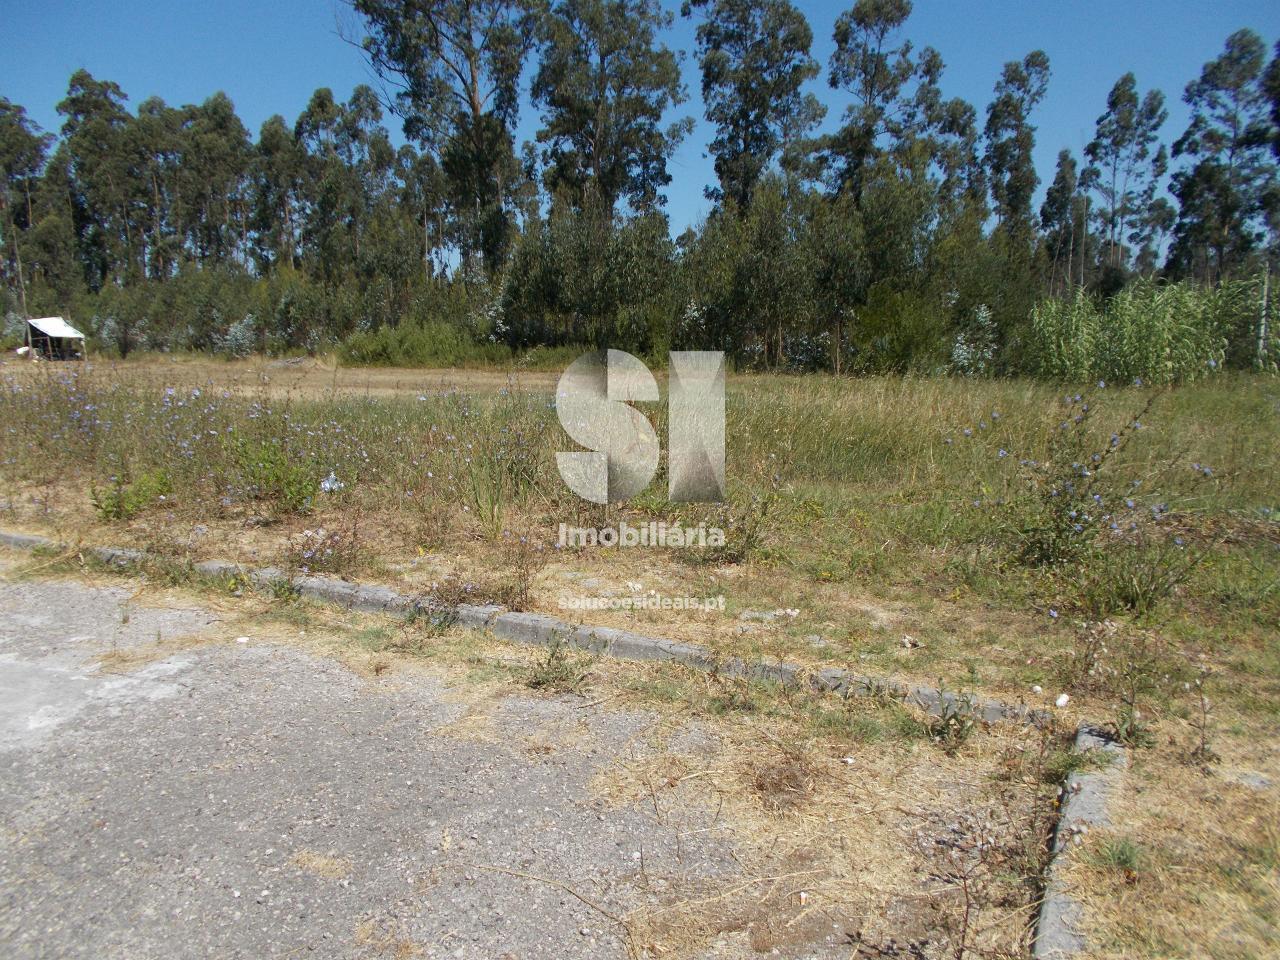 terreno para compra em aveiro oliveirinha aveiro AVGCL1777